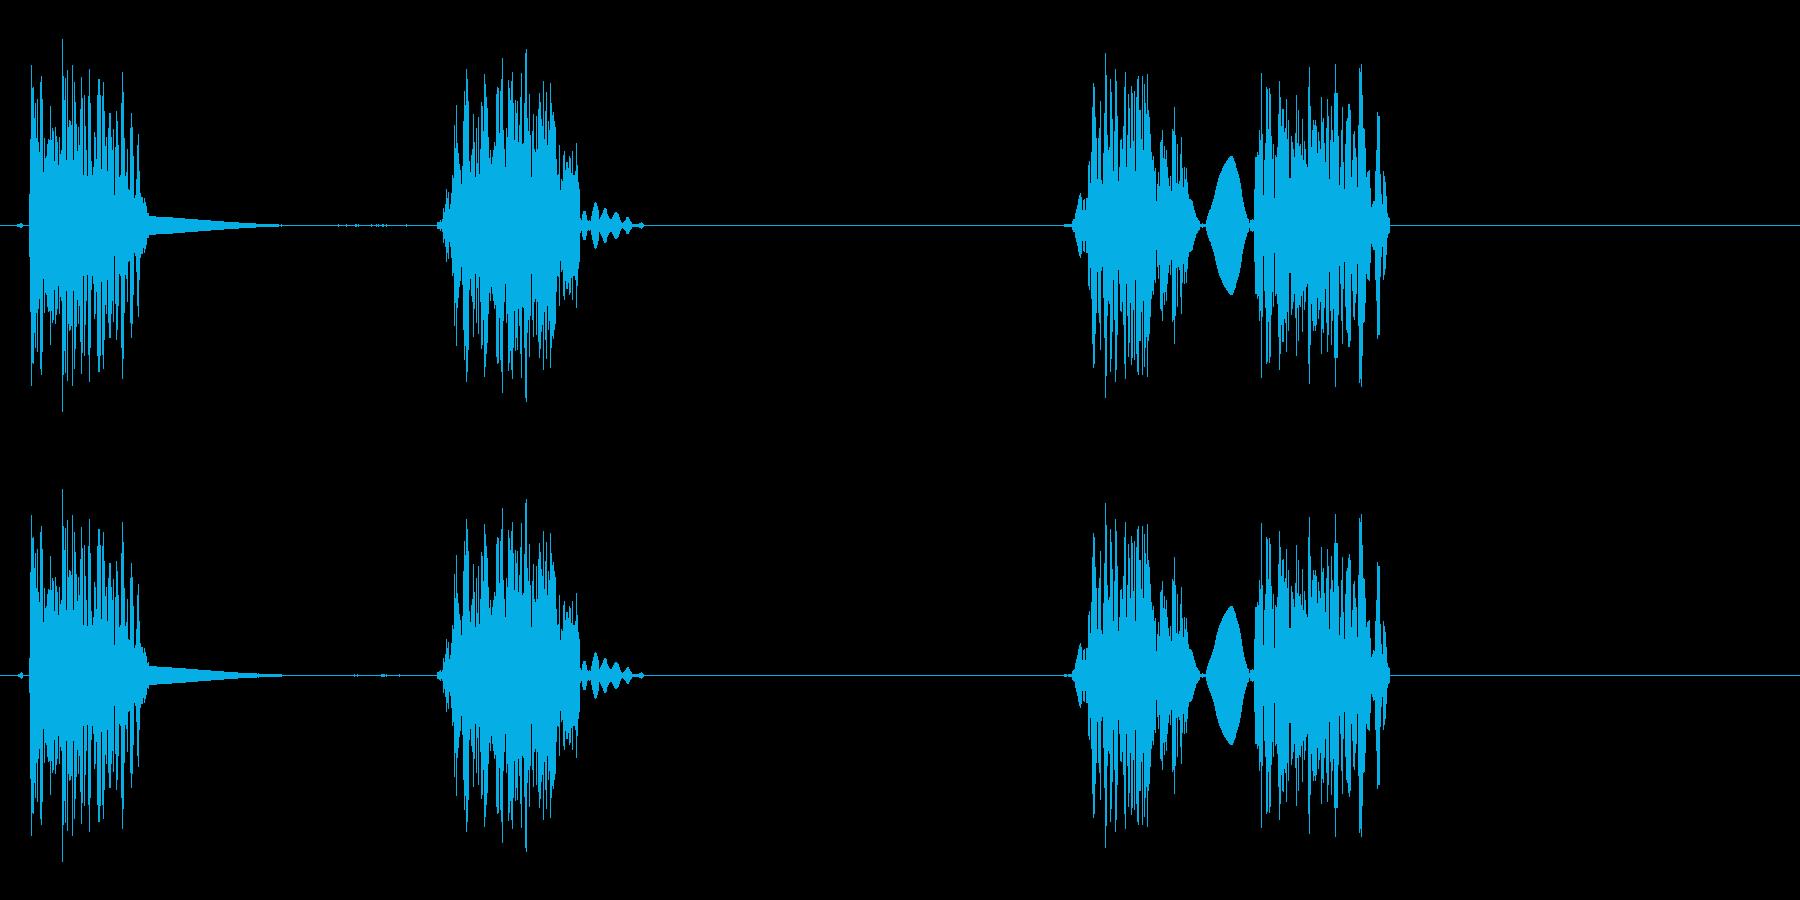 スクラッチ音(電子音)の再生済みの波形